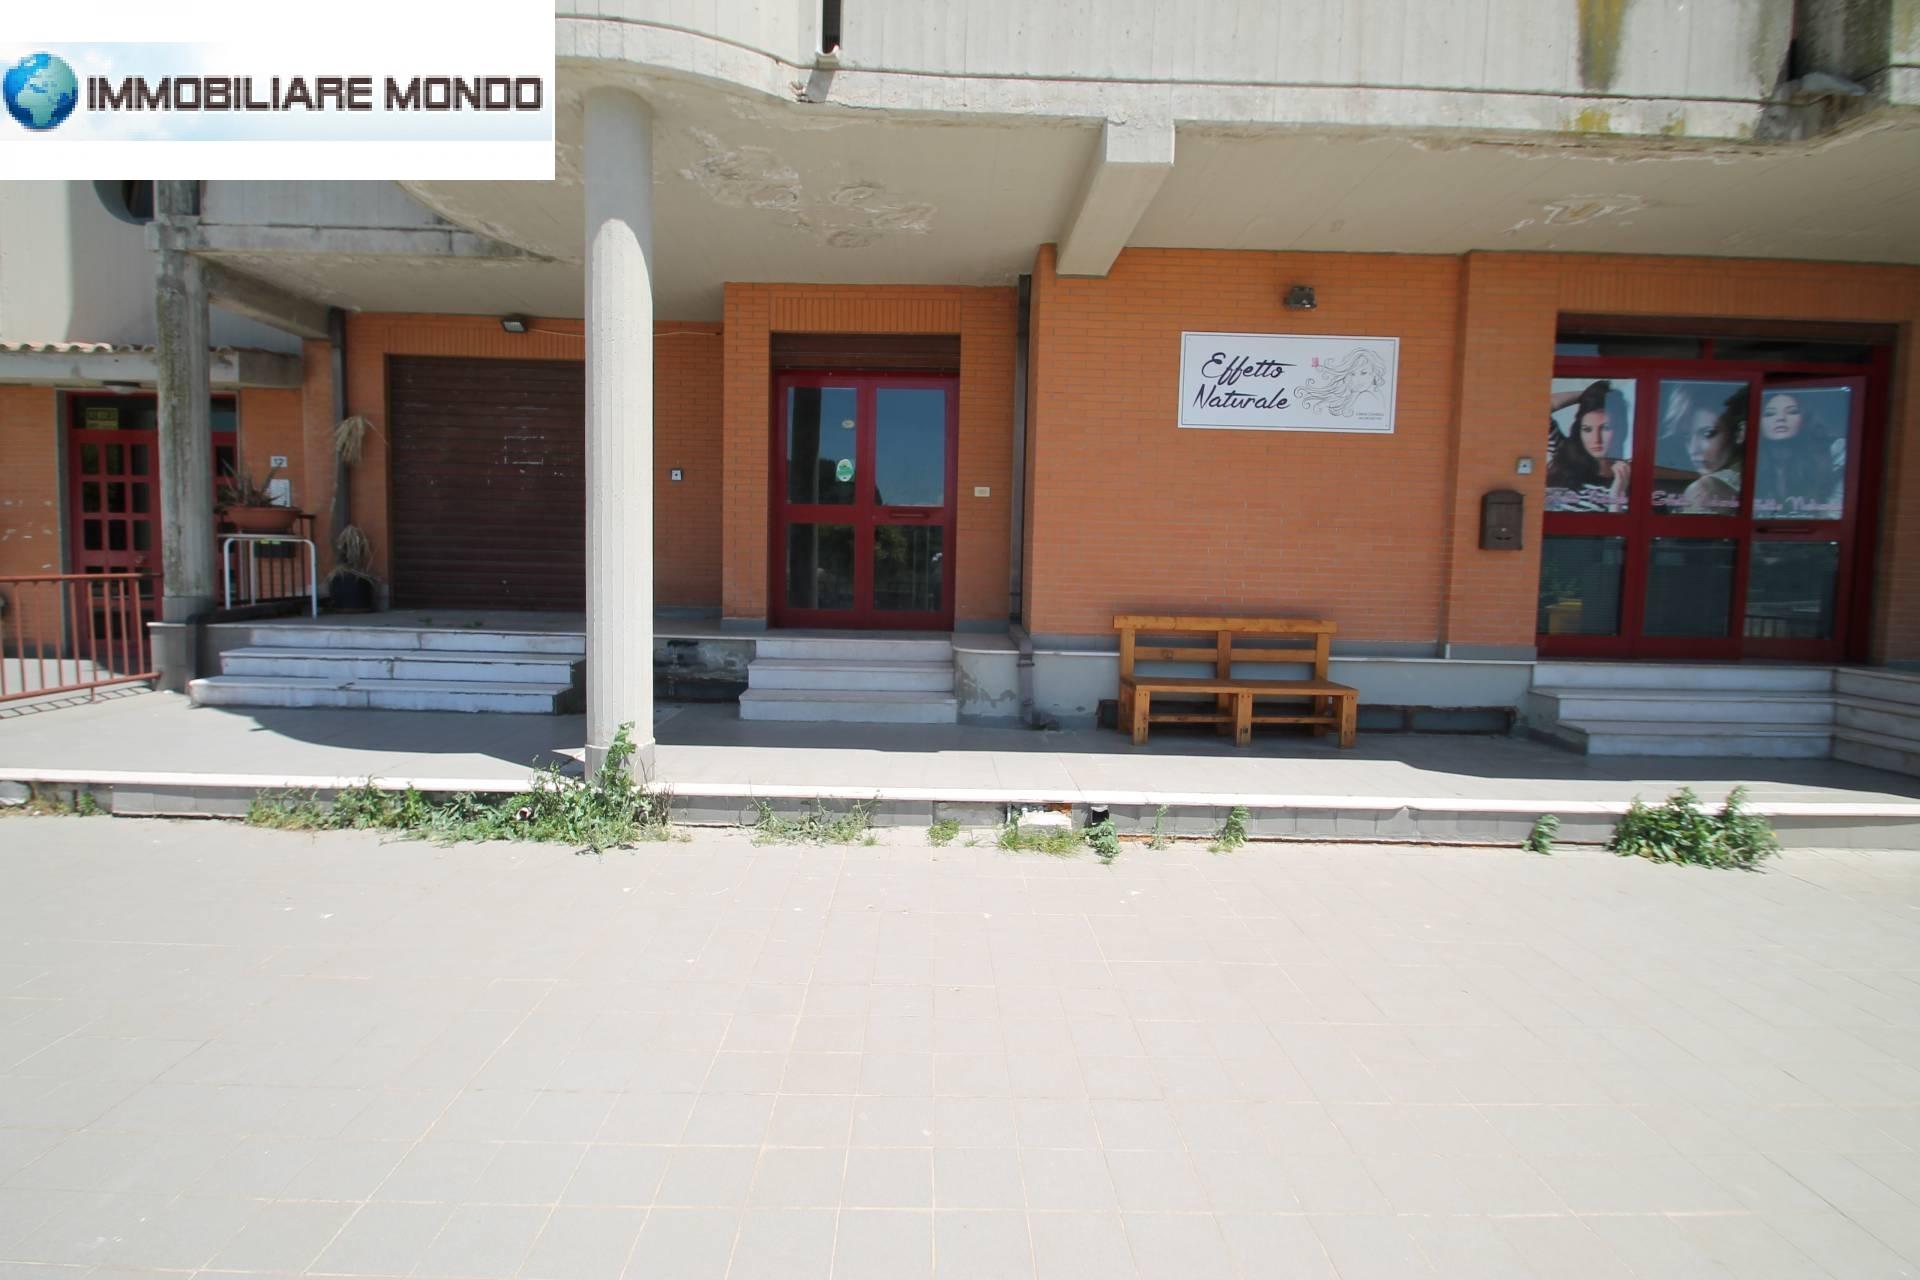 Locale commerciale in vendita a Portocannone Rif. 8239440